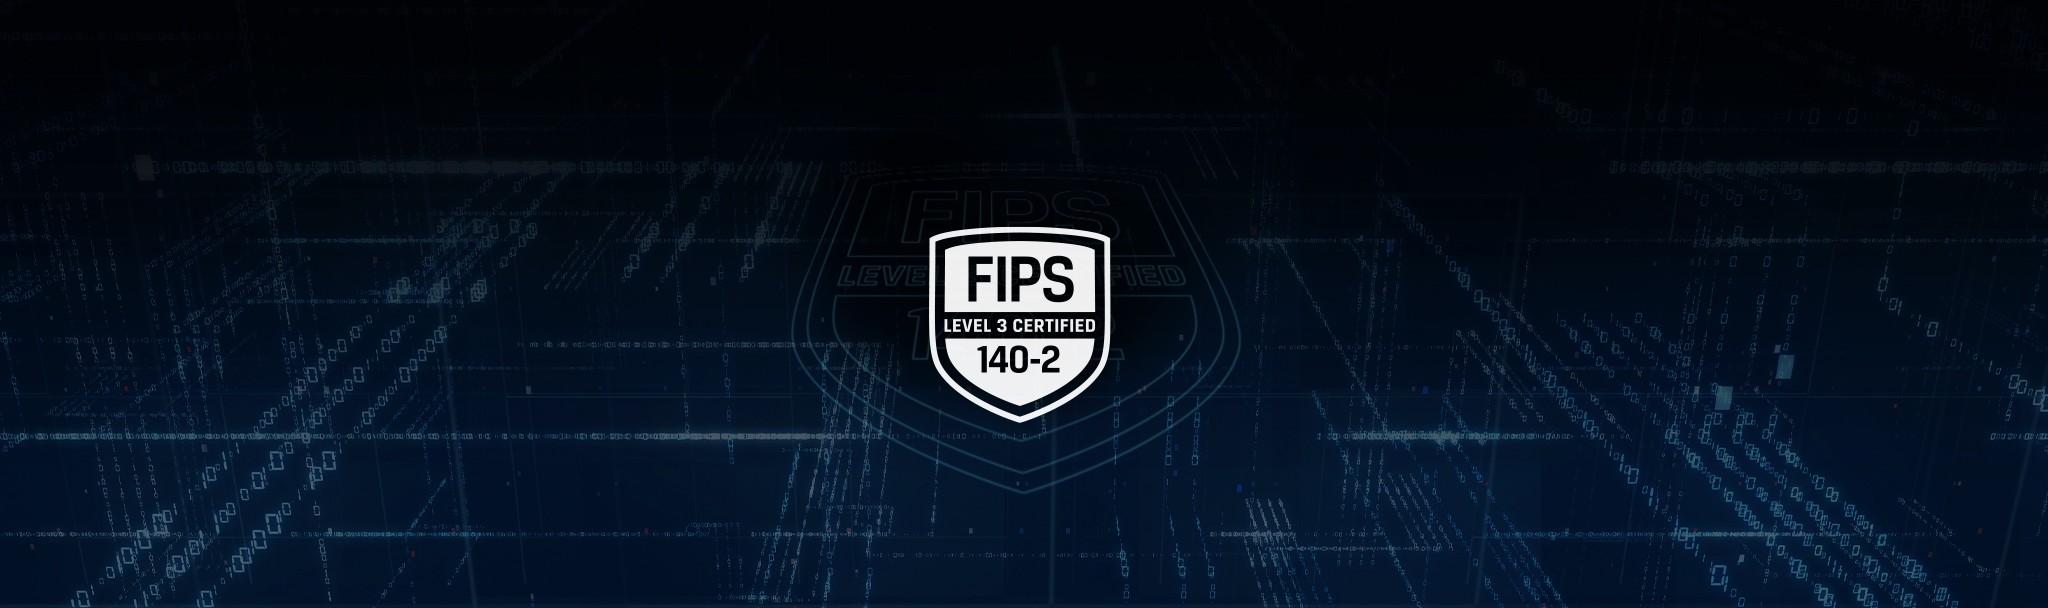 Được chứng nhận FIPS 140-2 Cấp độ 3